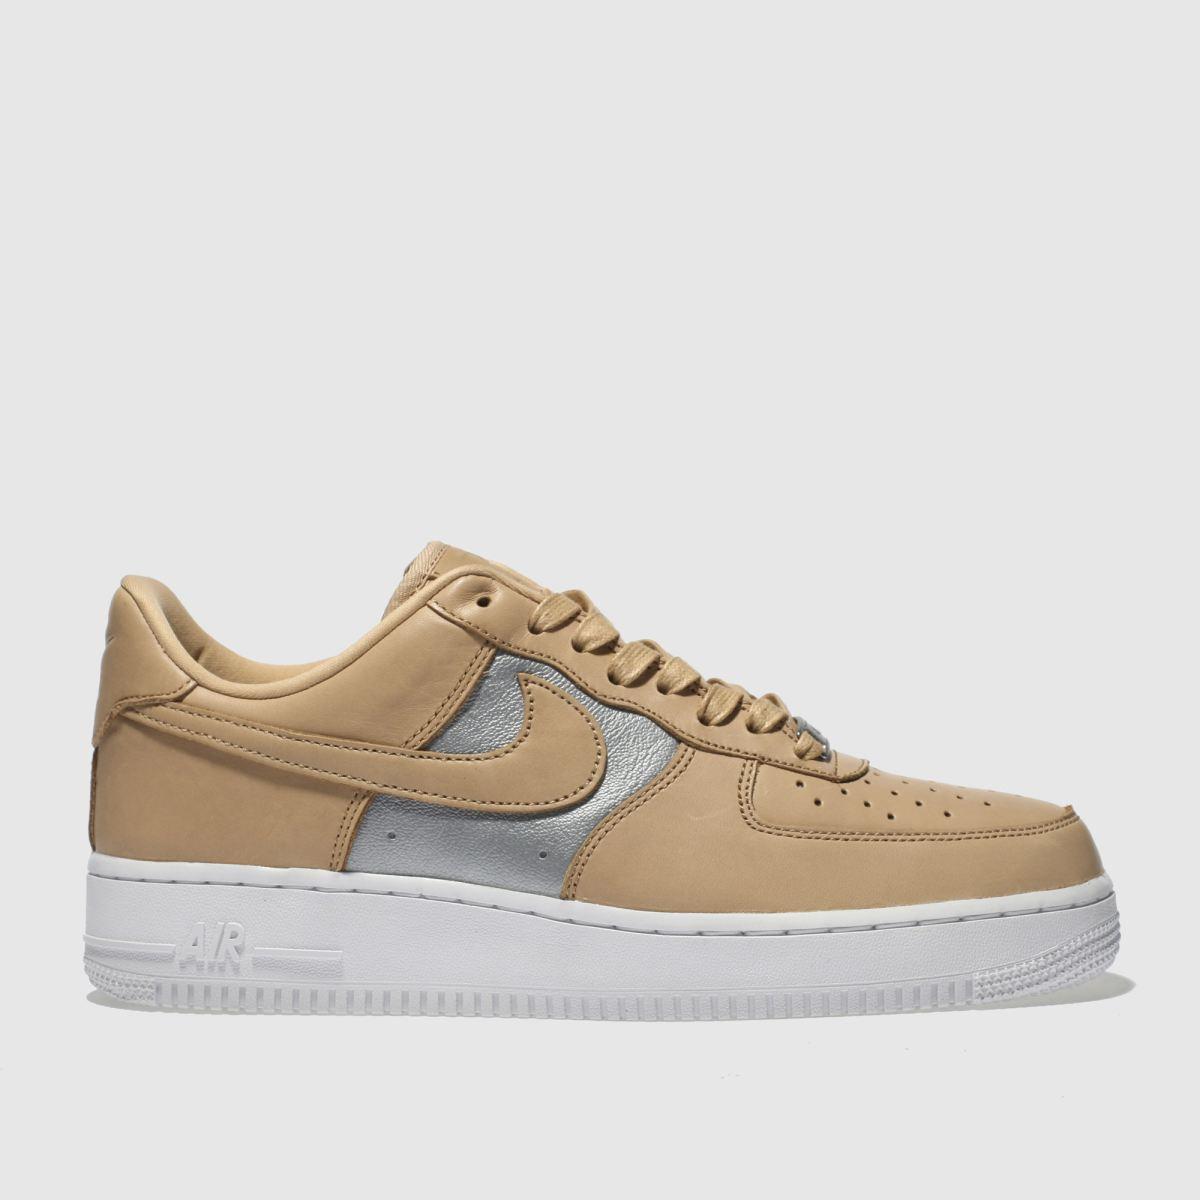 Nike Natural Air Force 1 Low Premium Trainers